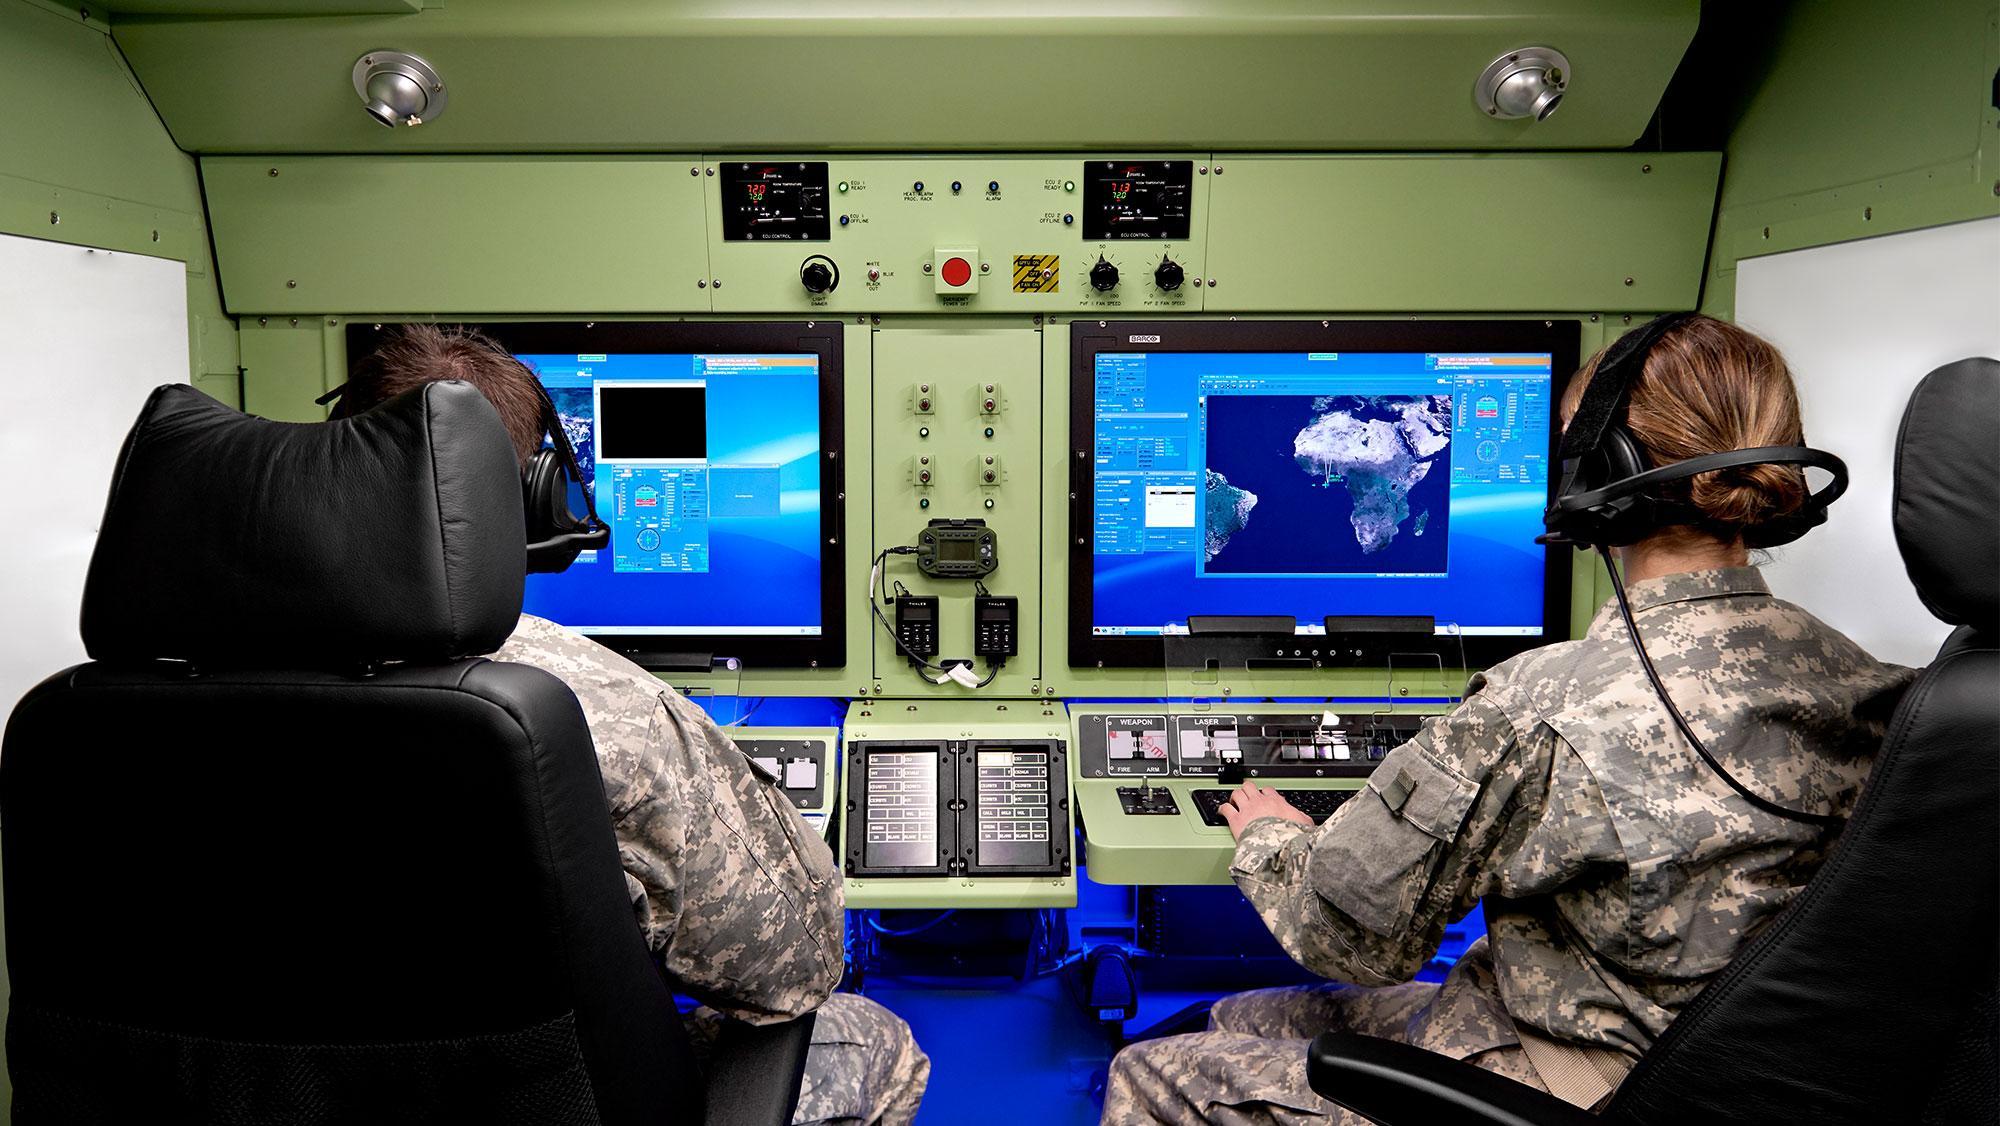 Autonomous Vehicle Controls